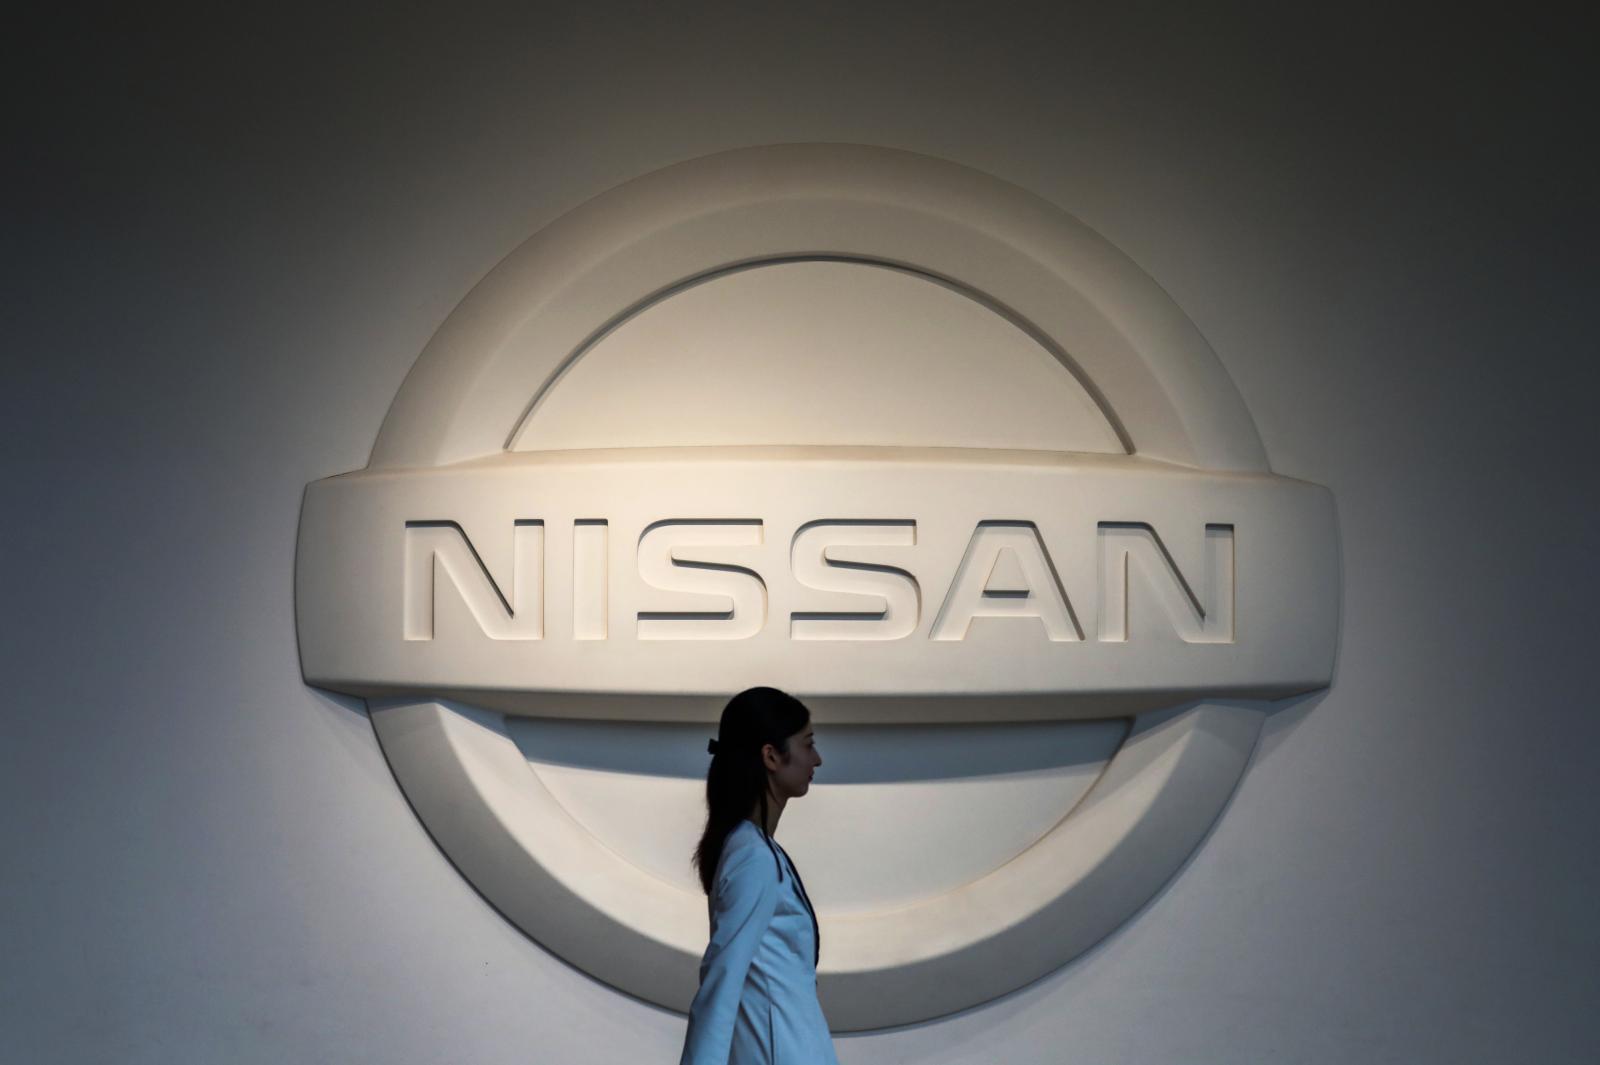 """""""นิสสัน"""" วิกฤตหนัก รายได้วูบ  94.5% จ่อปลดพนักงาน 12,500 คนทั่วโลก"""